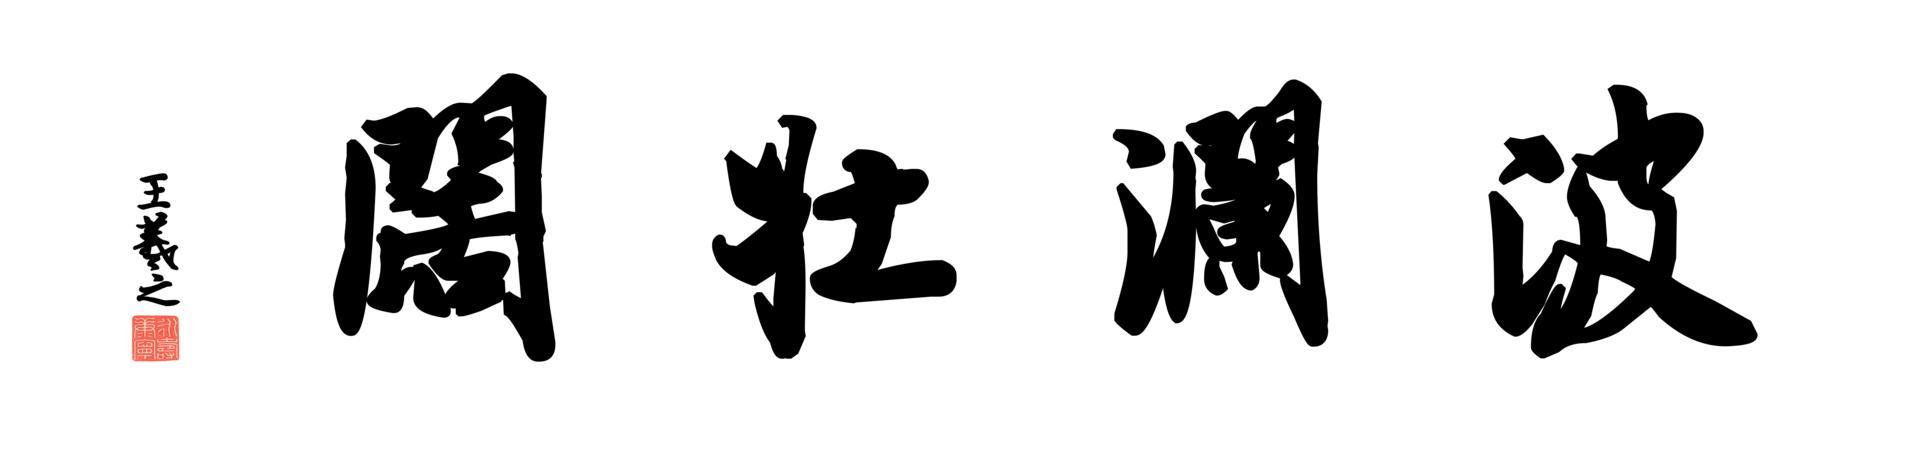 0005_王羲之兰亭体数字书法-四字横幅波澜壮阔136x33cm_21417x5197PX_TIF_400DPI_326_0